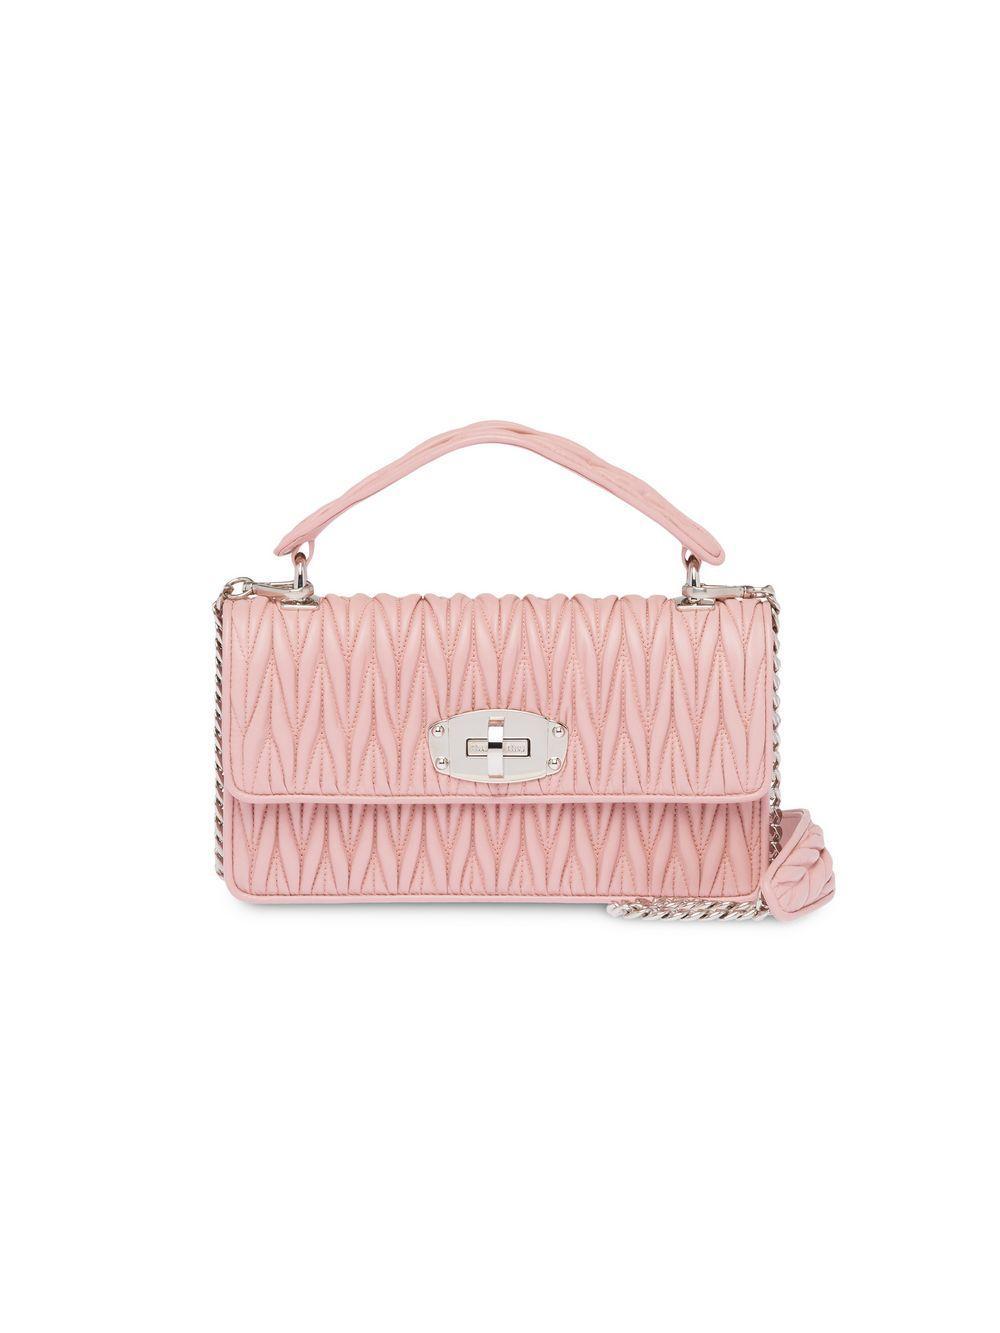 fb3dd4a7d390 Lyst - Miu Miu Miu Cleo Matelassé Bag in Pink